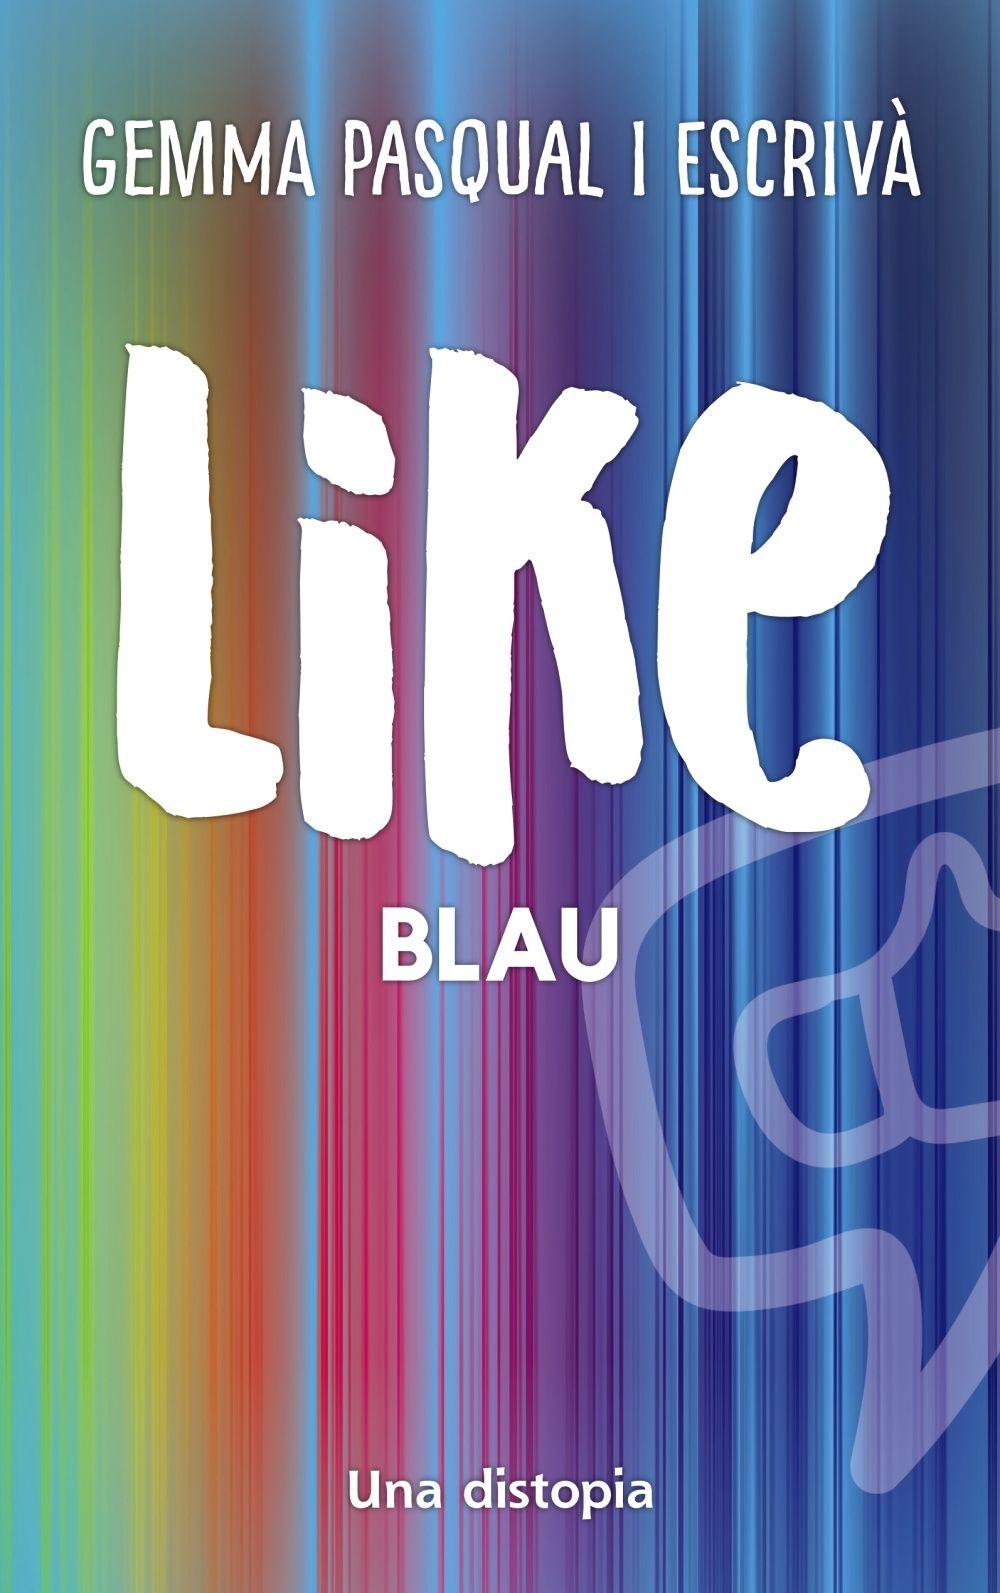 LIKE BLAU